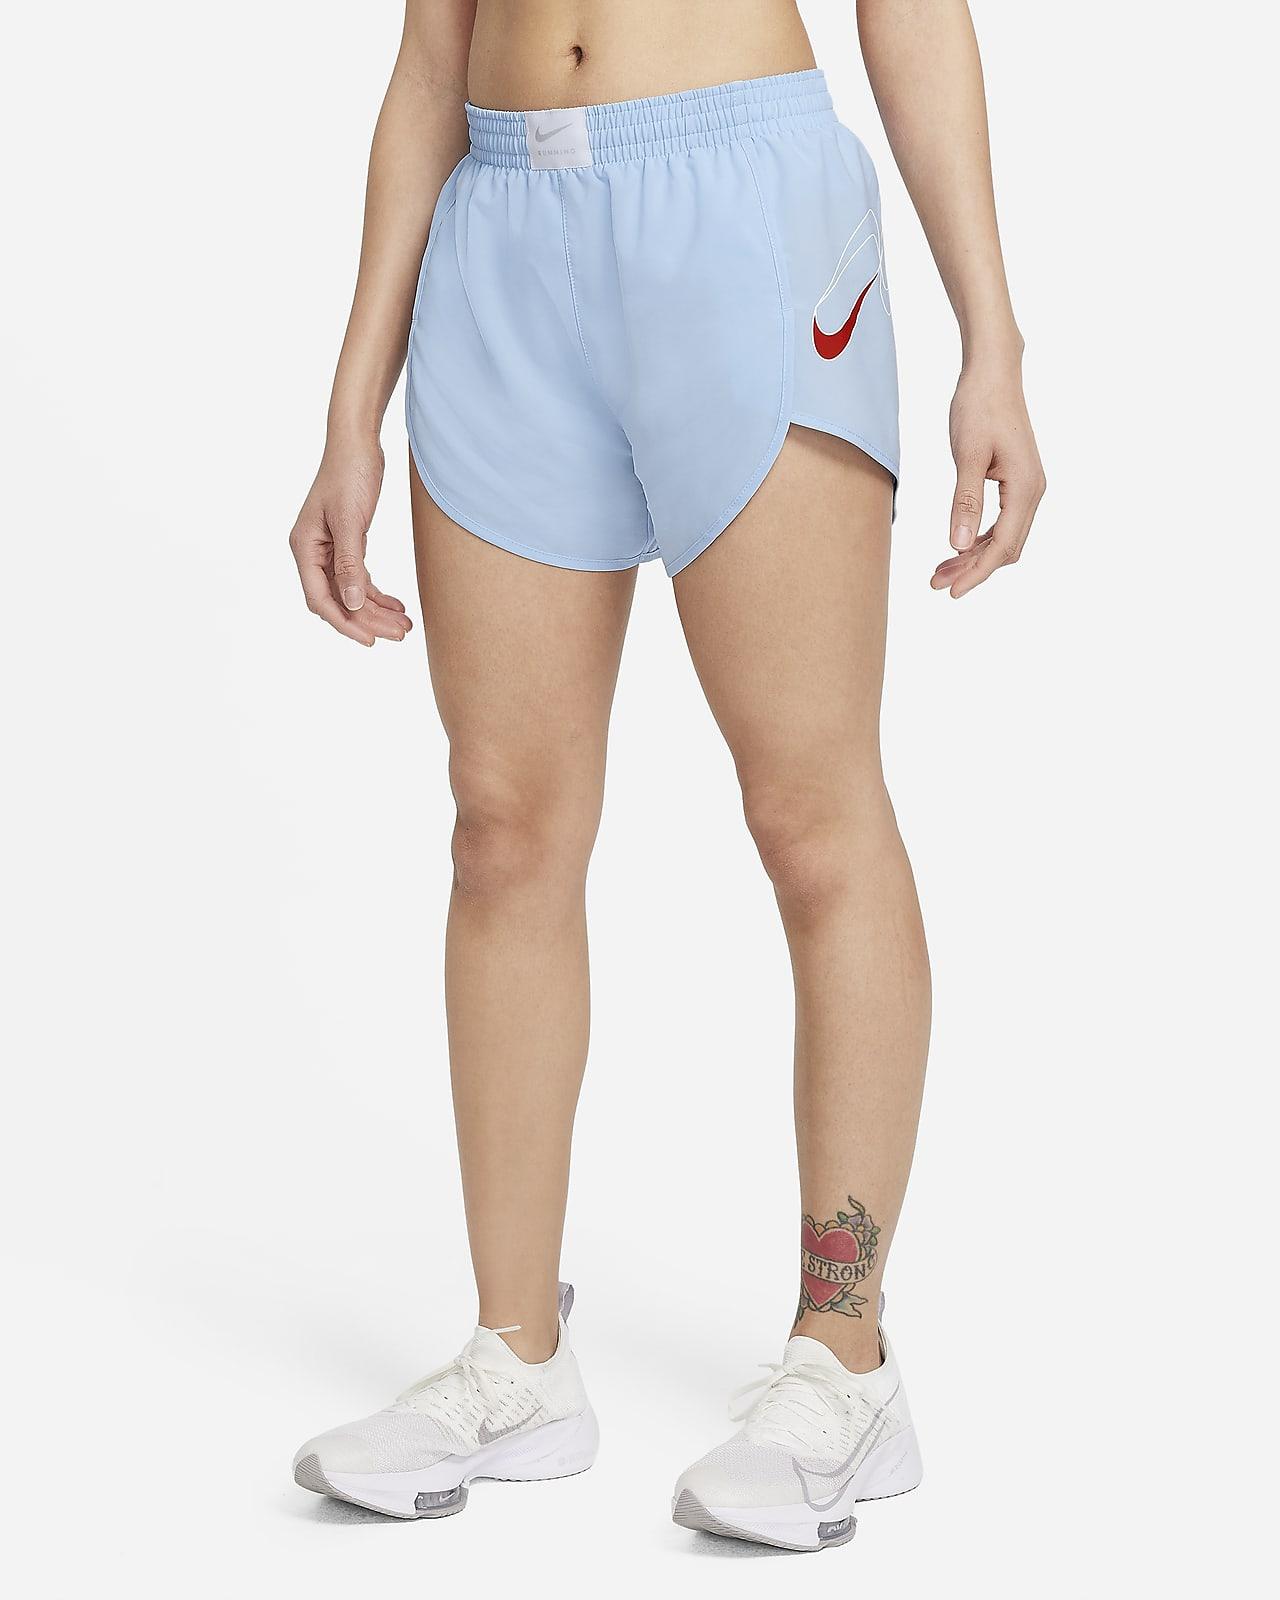 Short de running avec sous-short intégré Nike Dri-FIT Retro pour Femme